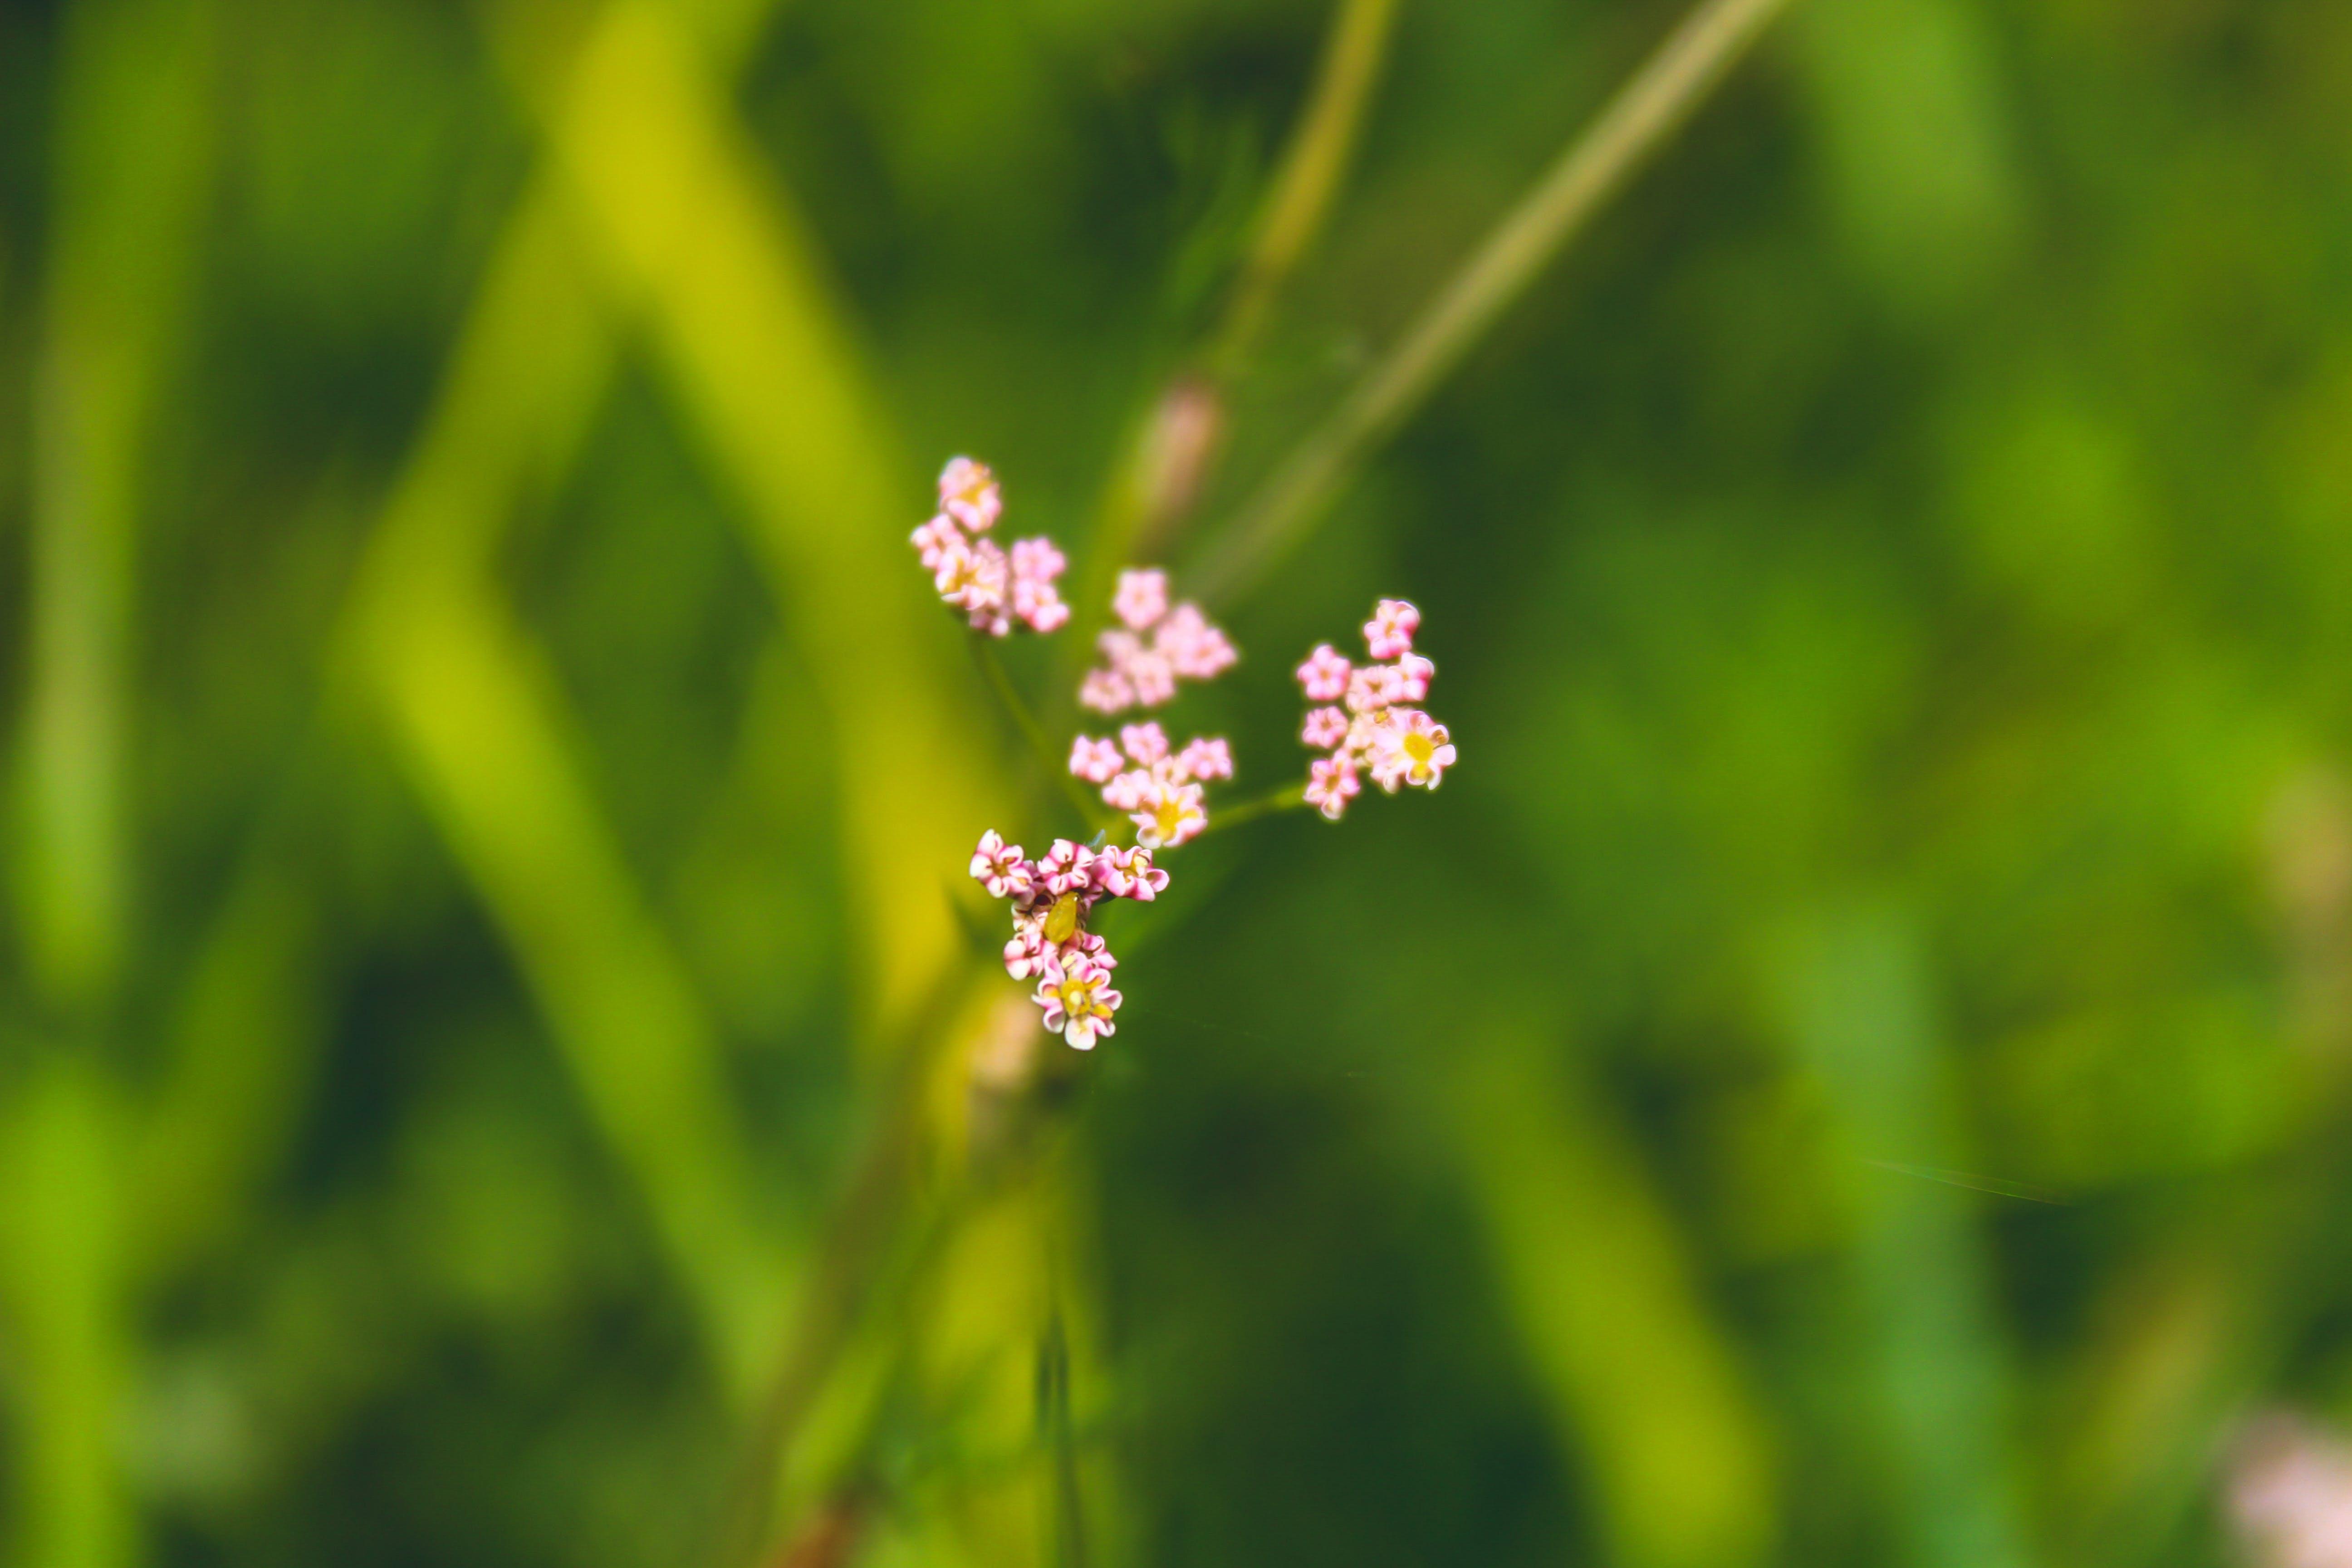 Kostenloses Stock Foto zu blauen blüten, blume, künstliche blumen, pinke blume